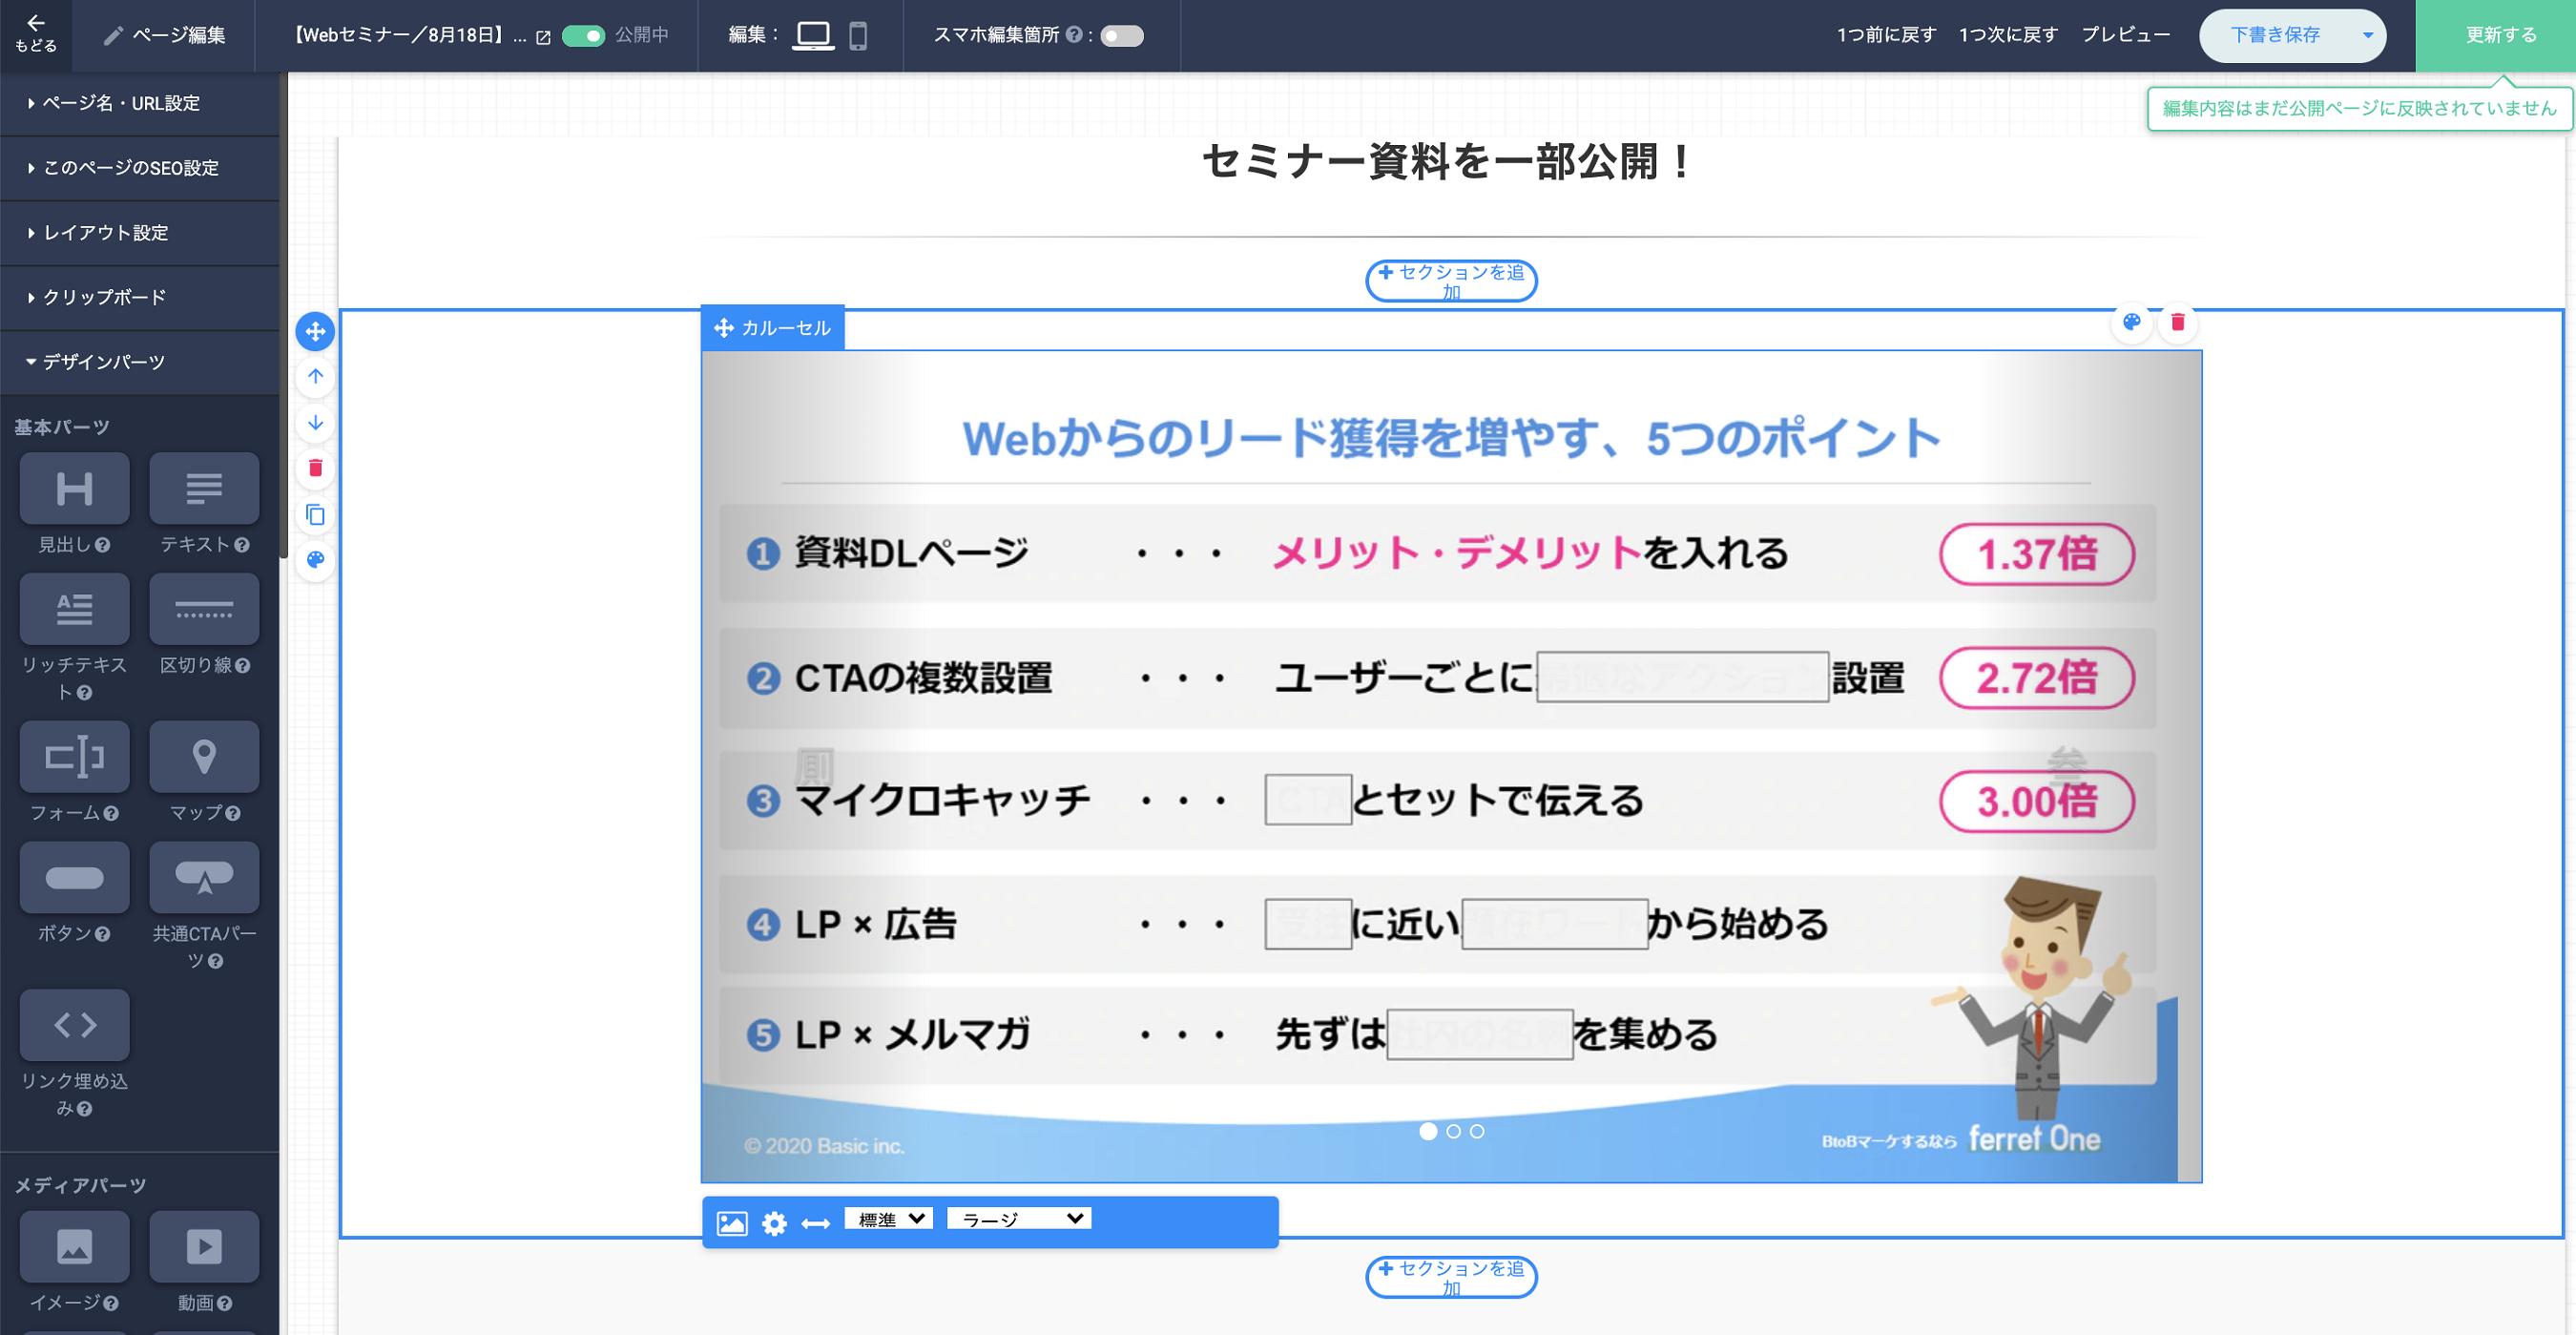 スクリーンショット 2020-08-14 8.16.09.png